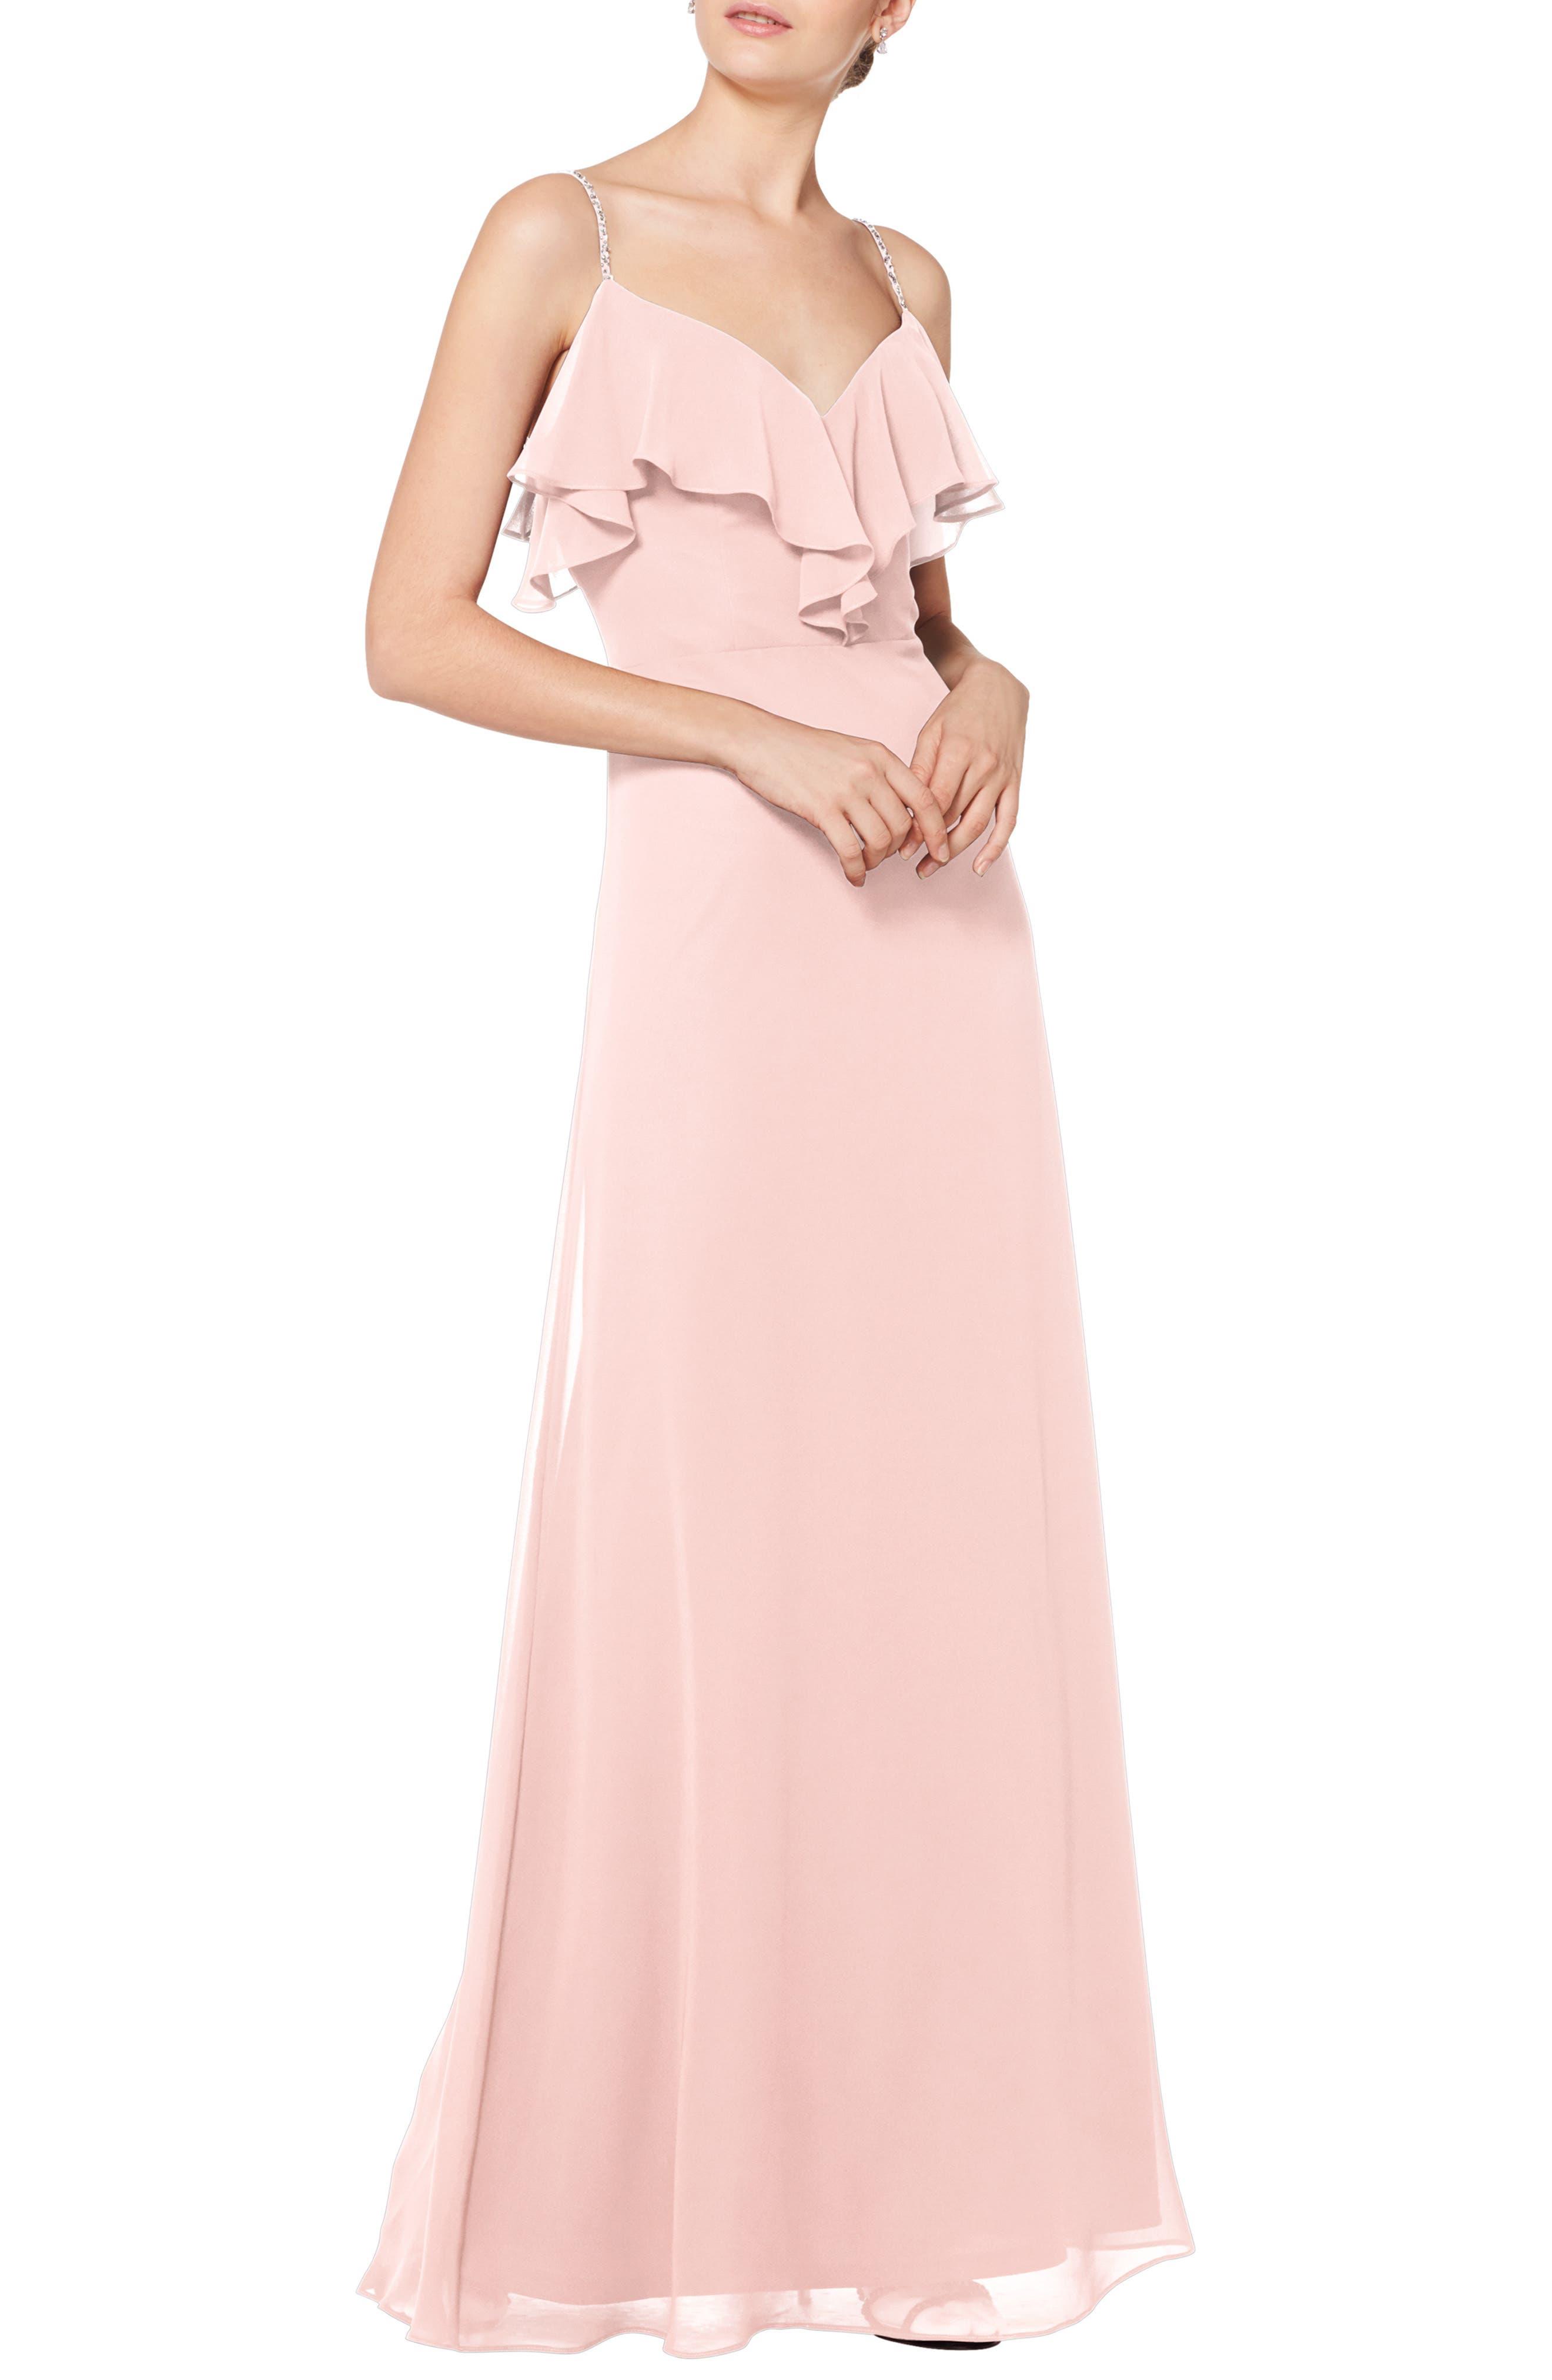 #levkoff Jeweled Strap Ruffle Neck Chiffon Gown, Pink